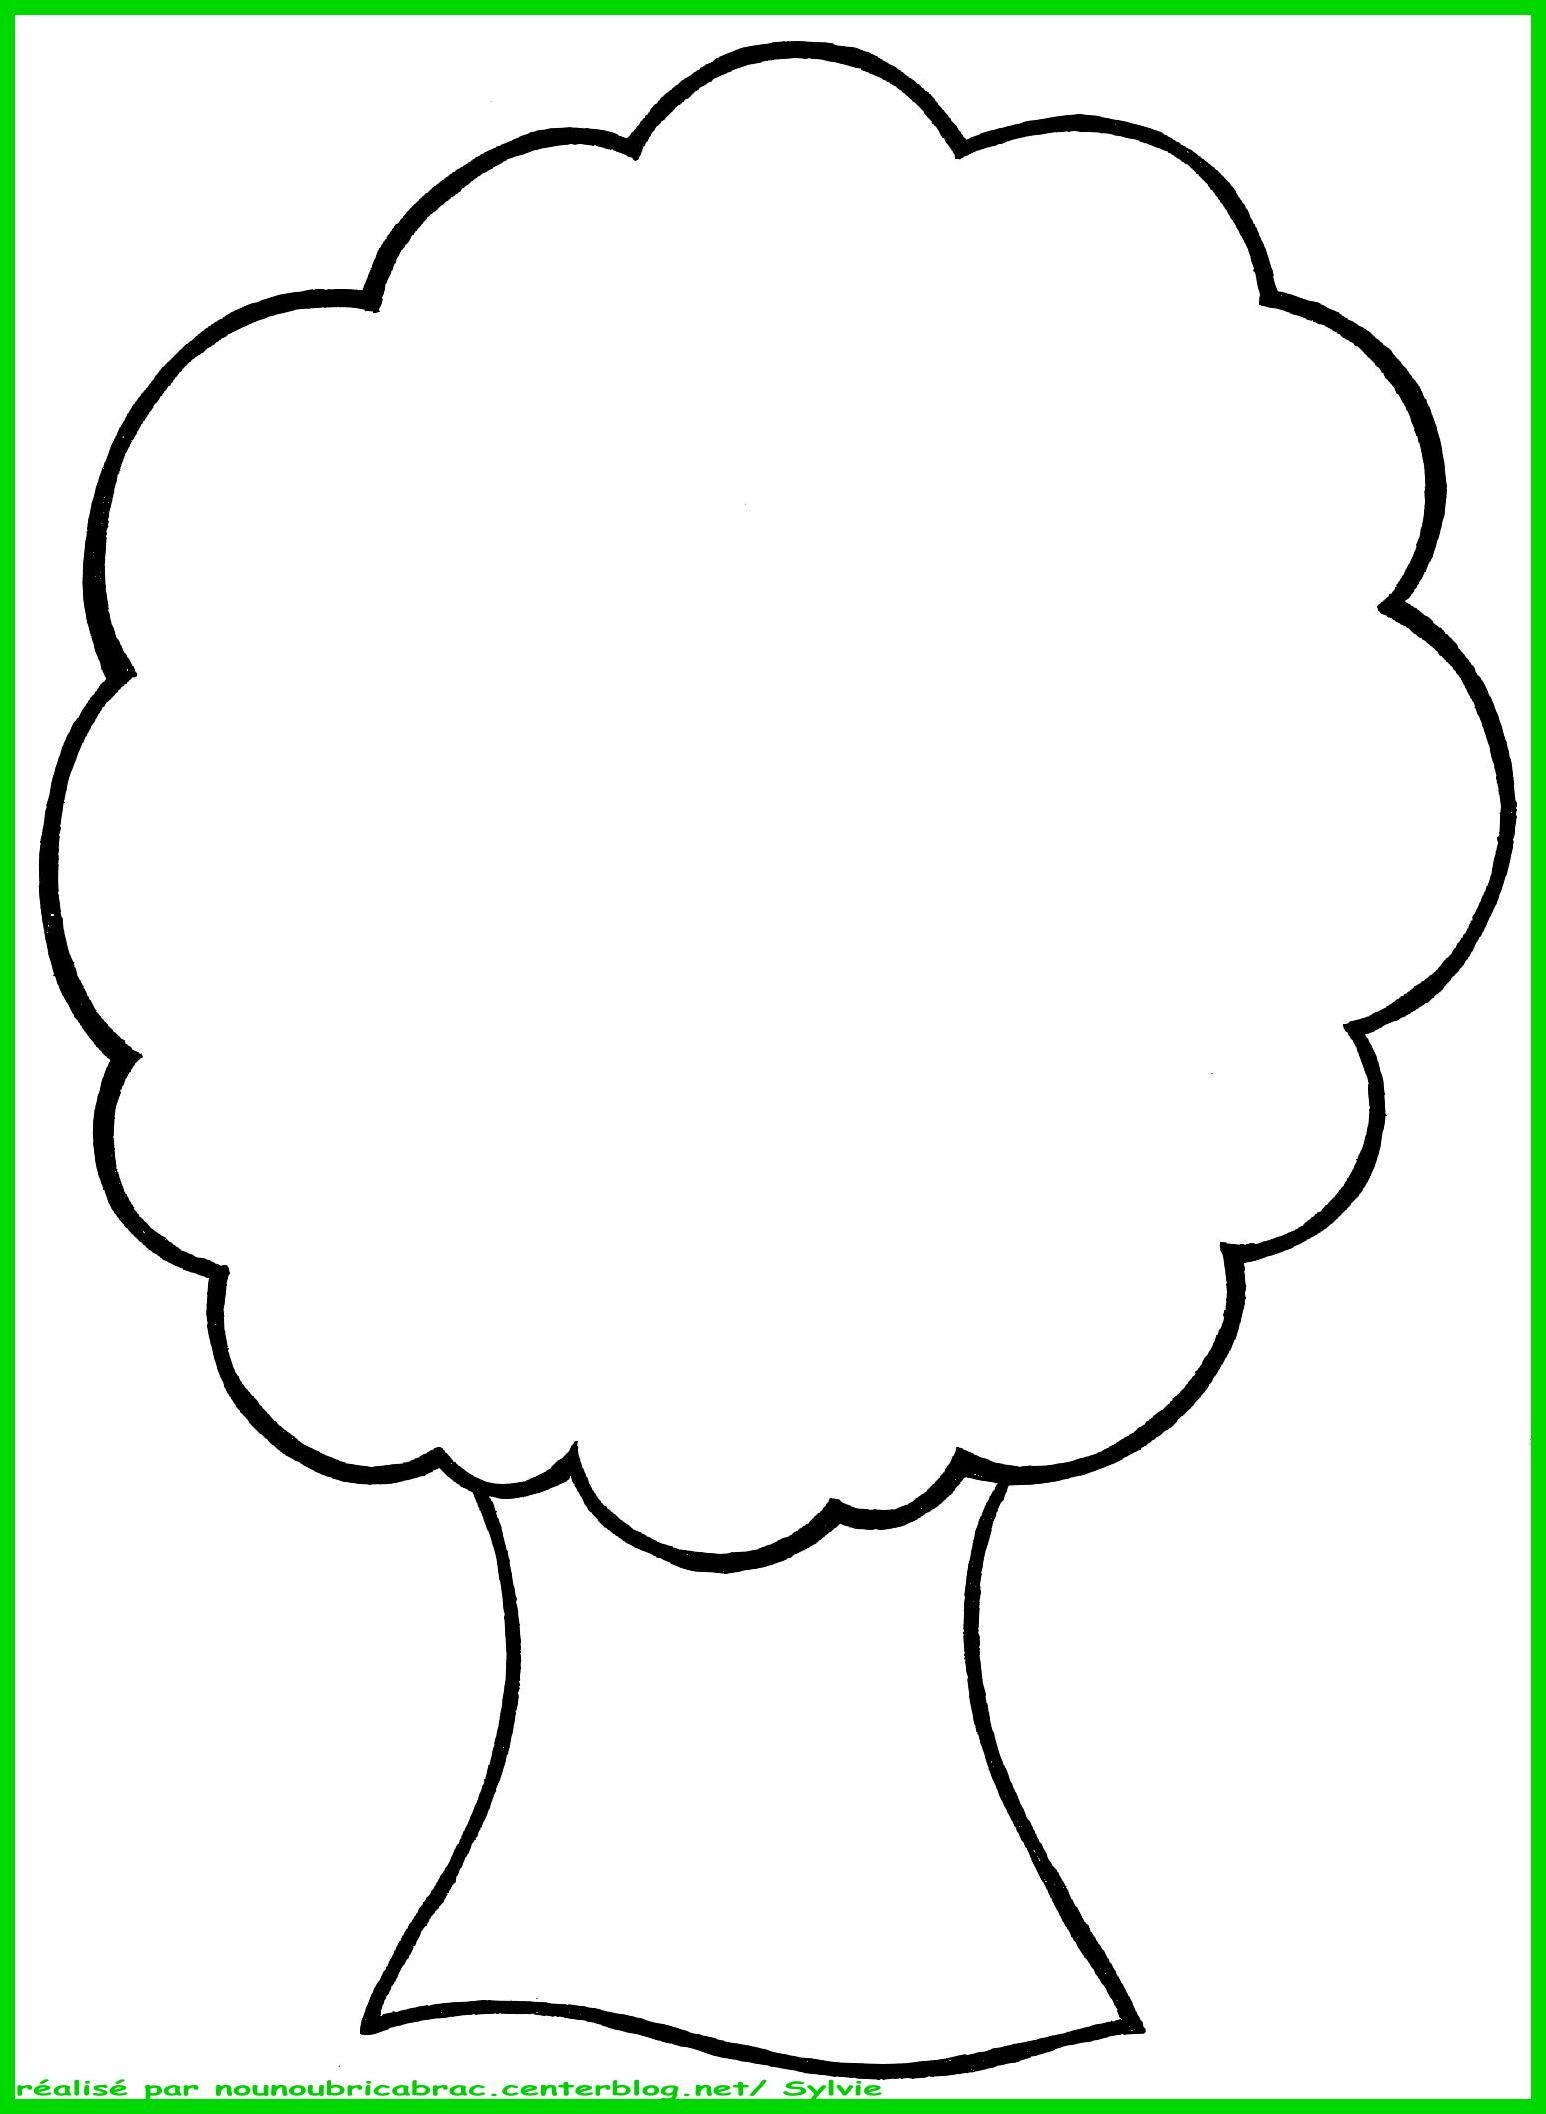 Arbre colorier activit arbre furniture et decor - Arbre a colorier ...